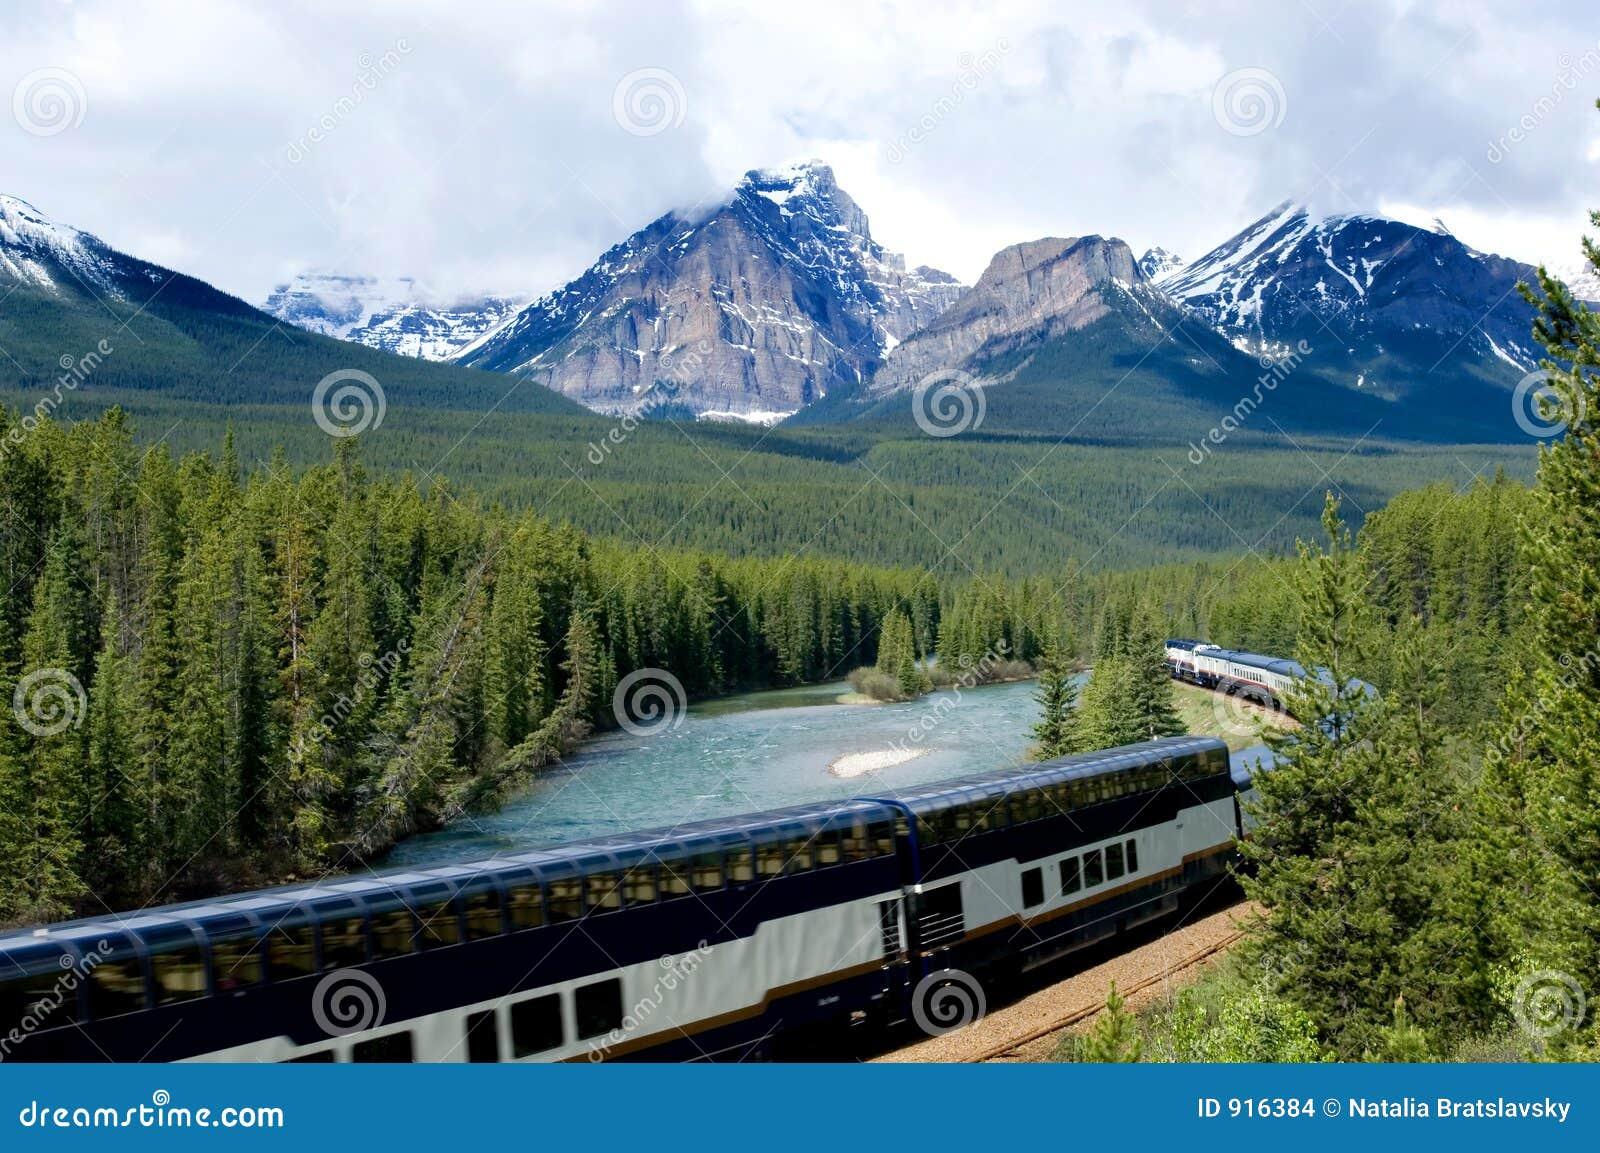 Vacation train